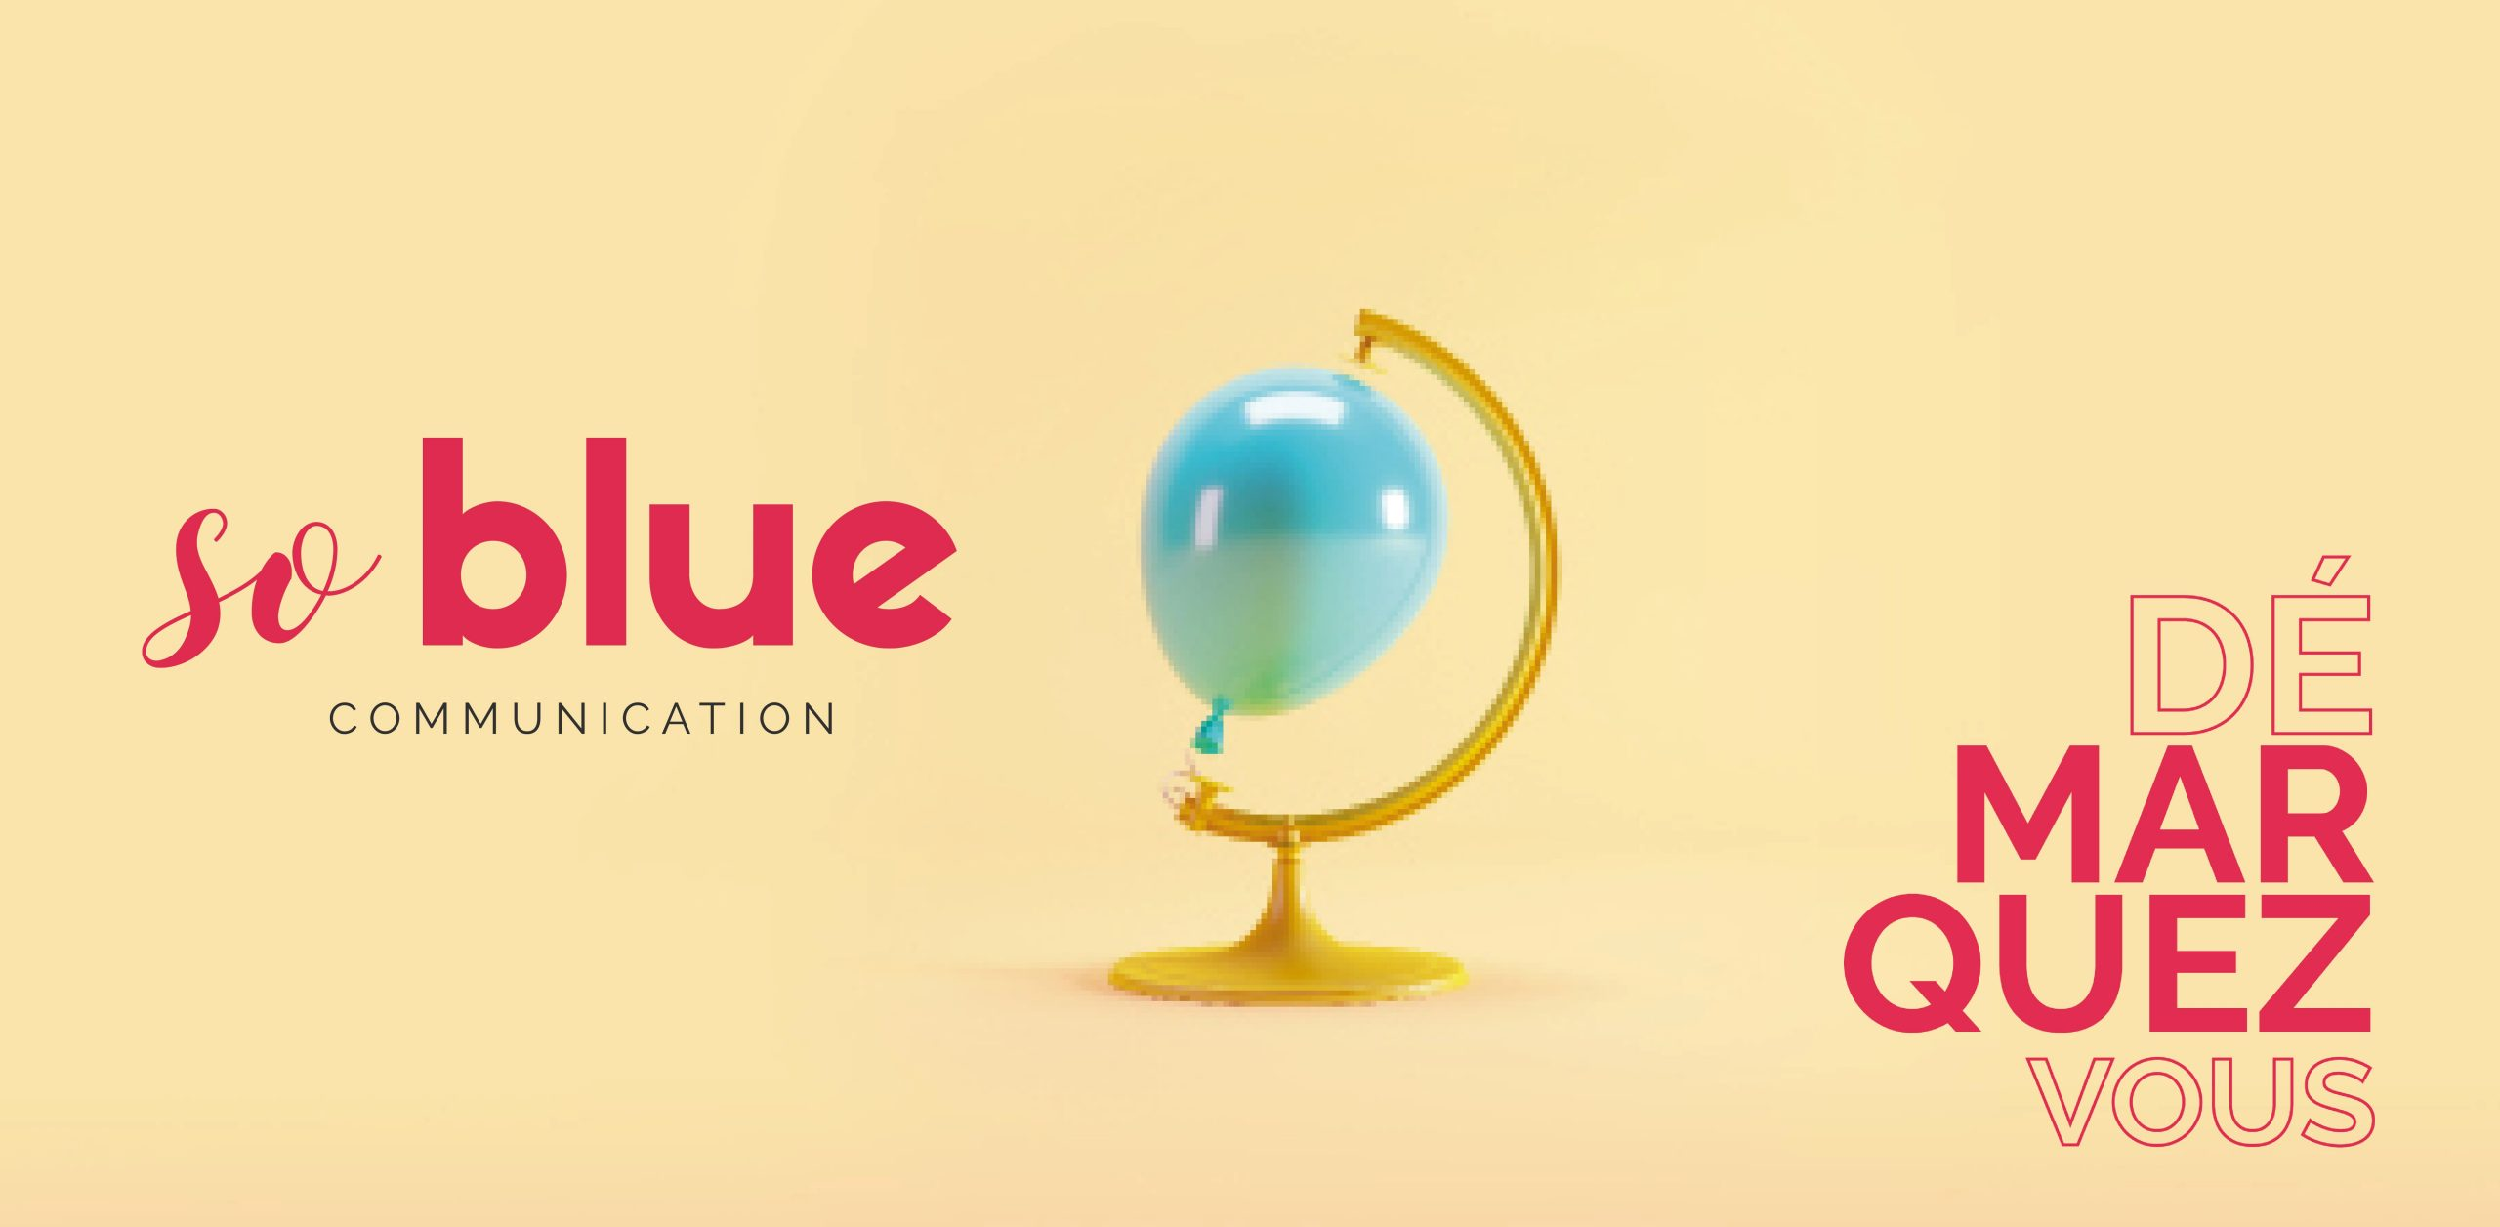 Découvrez l'agence soBlue Communication